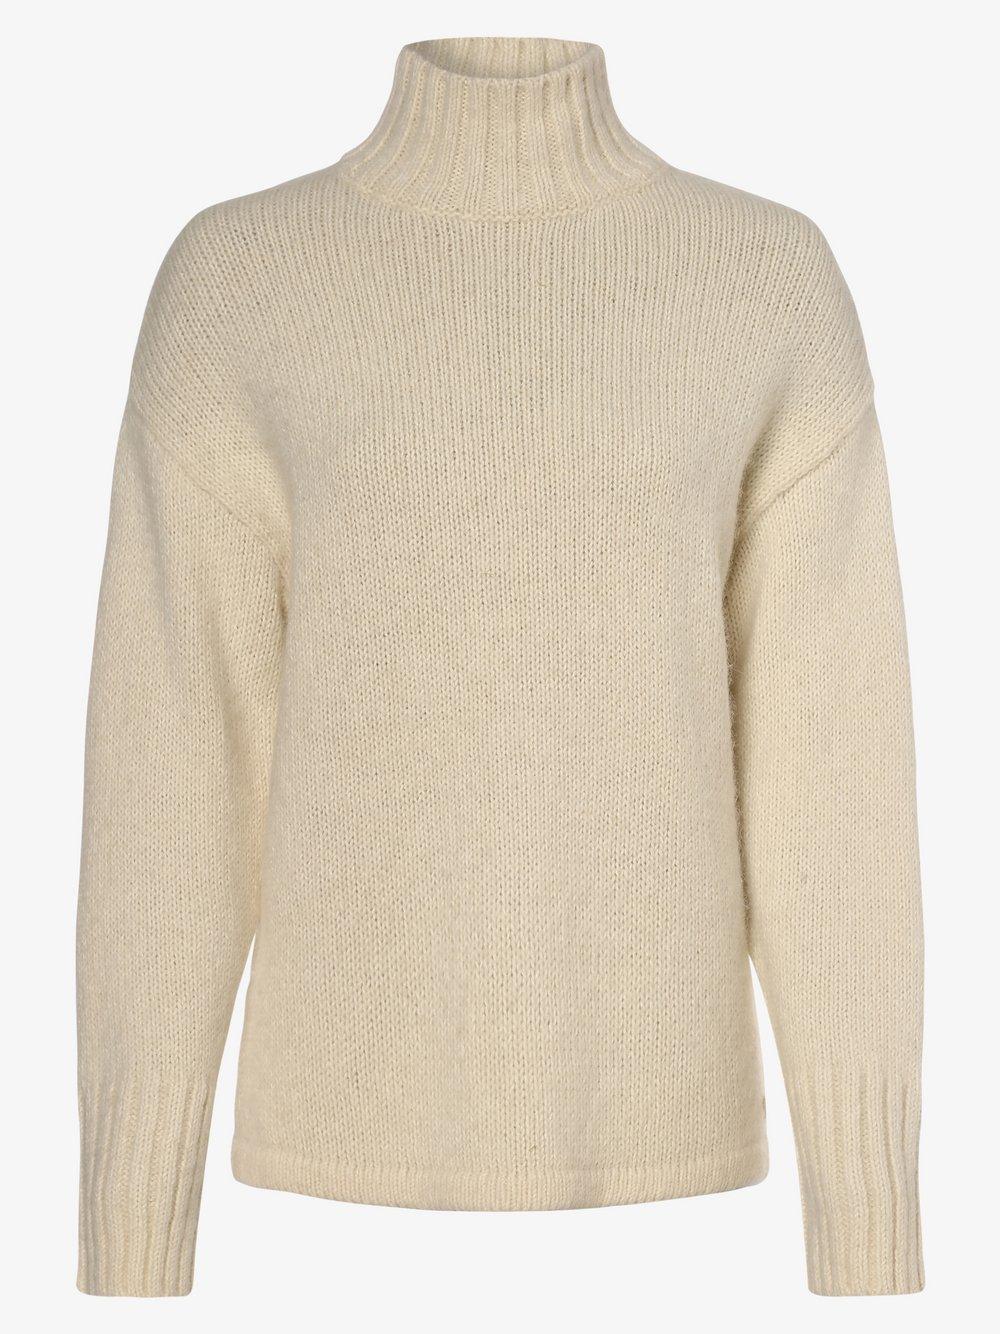 März – Sweter damski z dodatkiem alpaki, biały Van Graaf 449331-0001